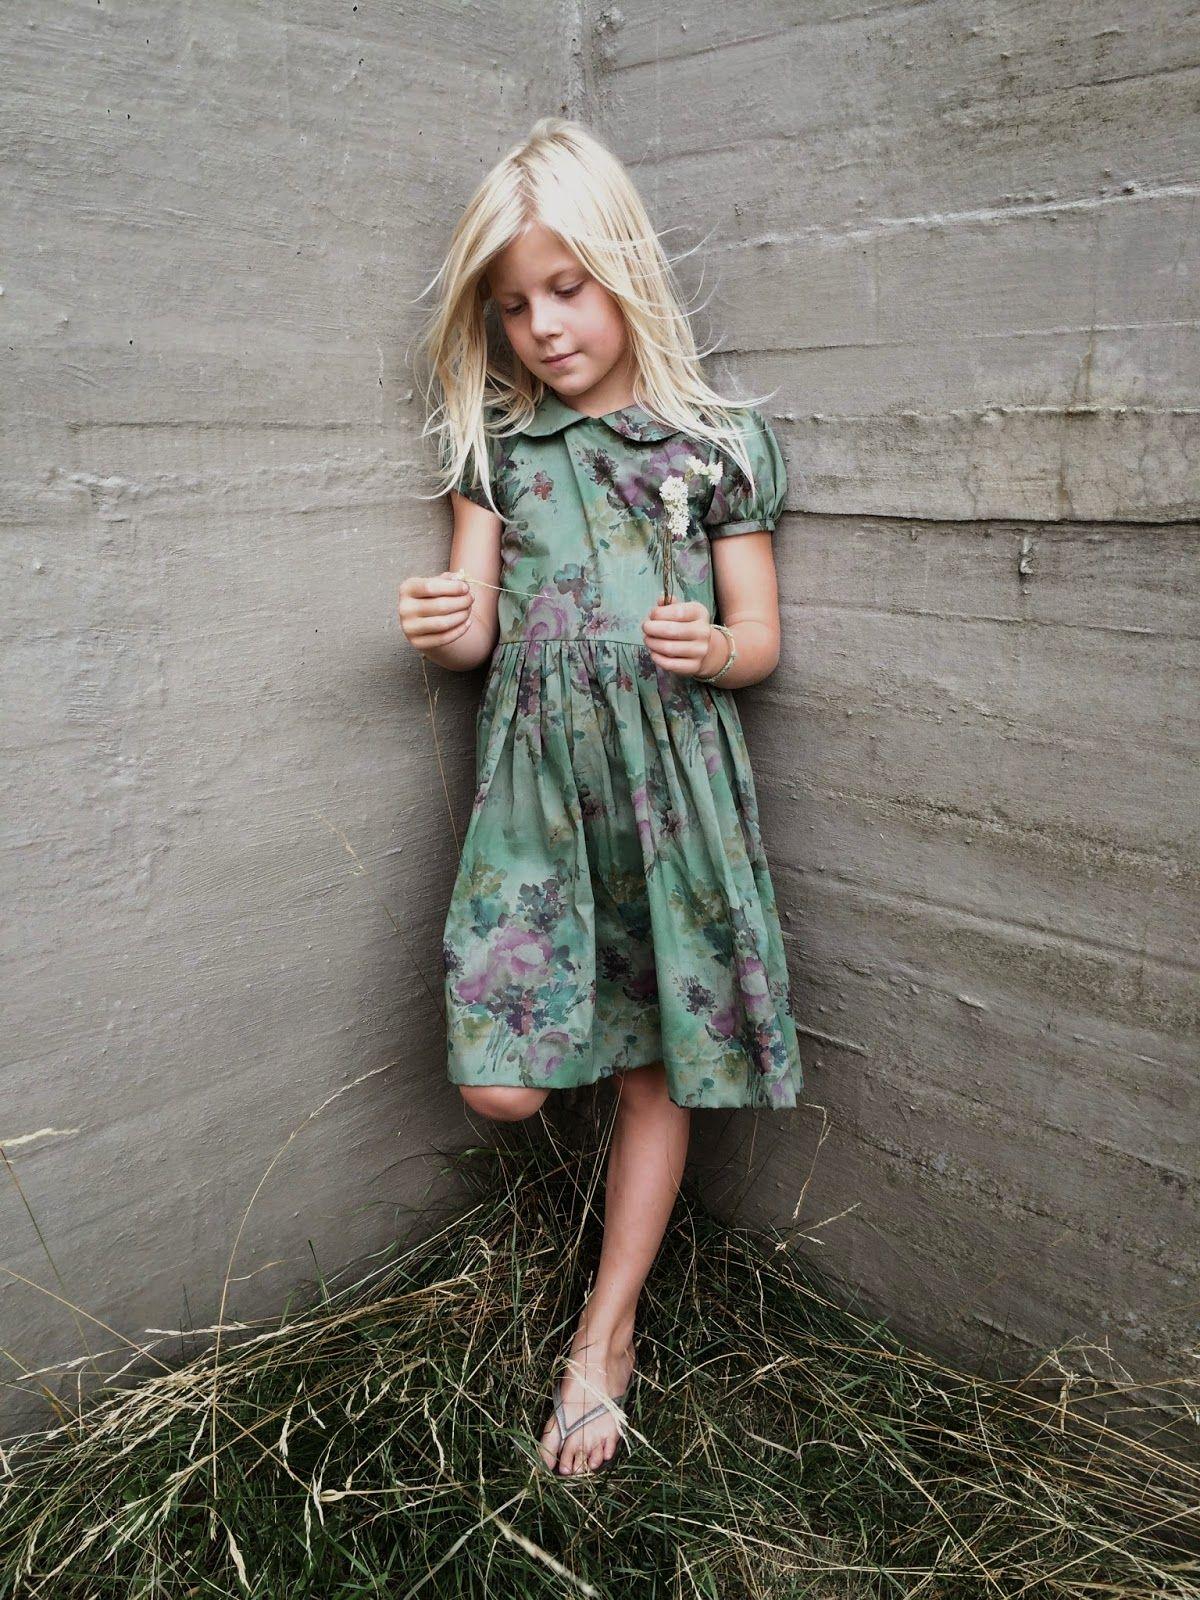 MARAPYTTA: Ny kjole | Kids outfits